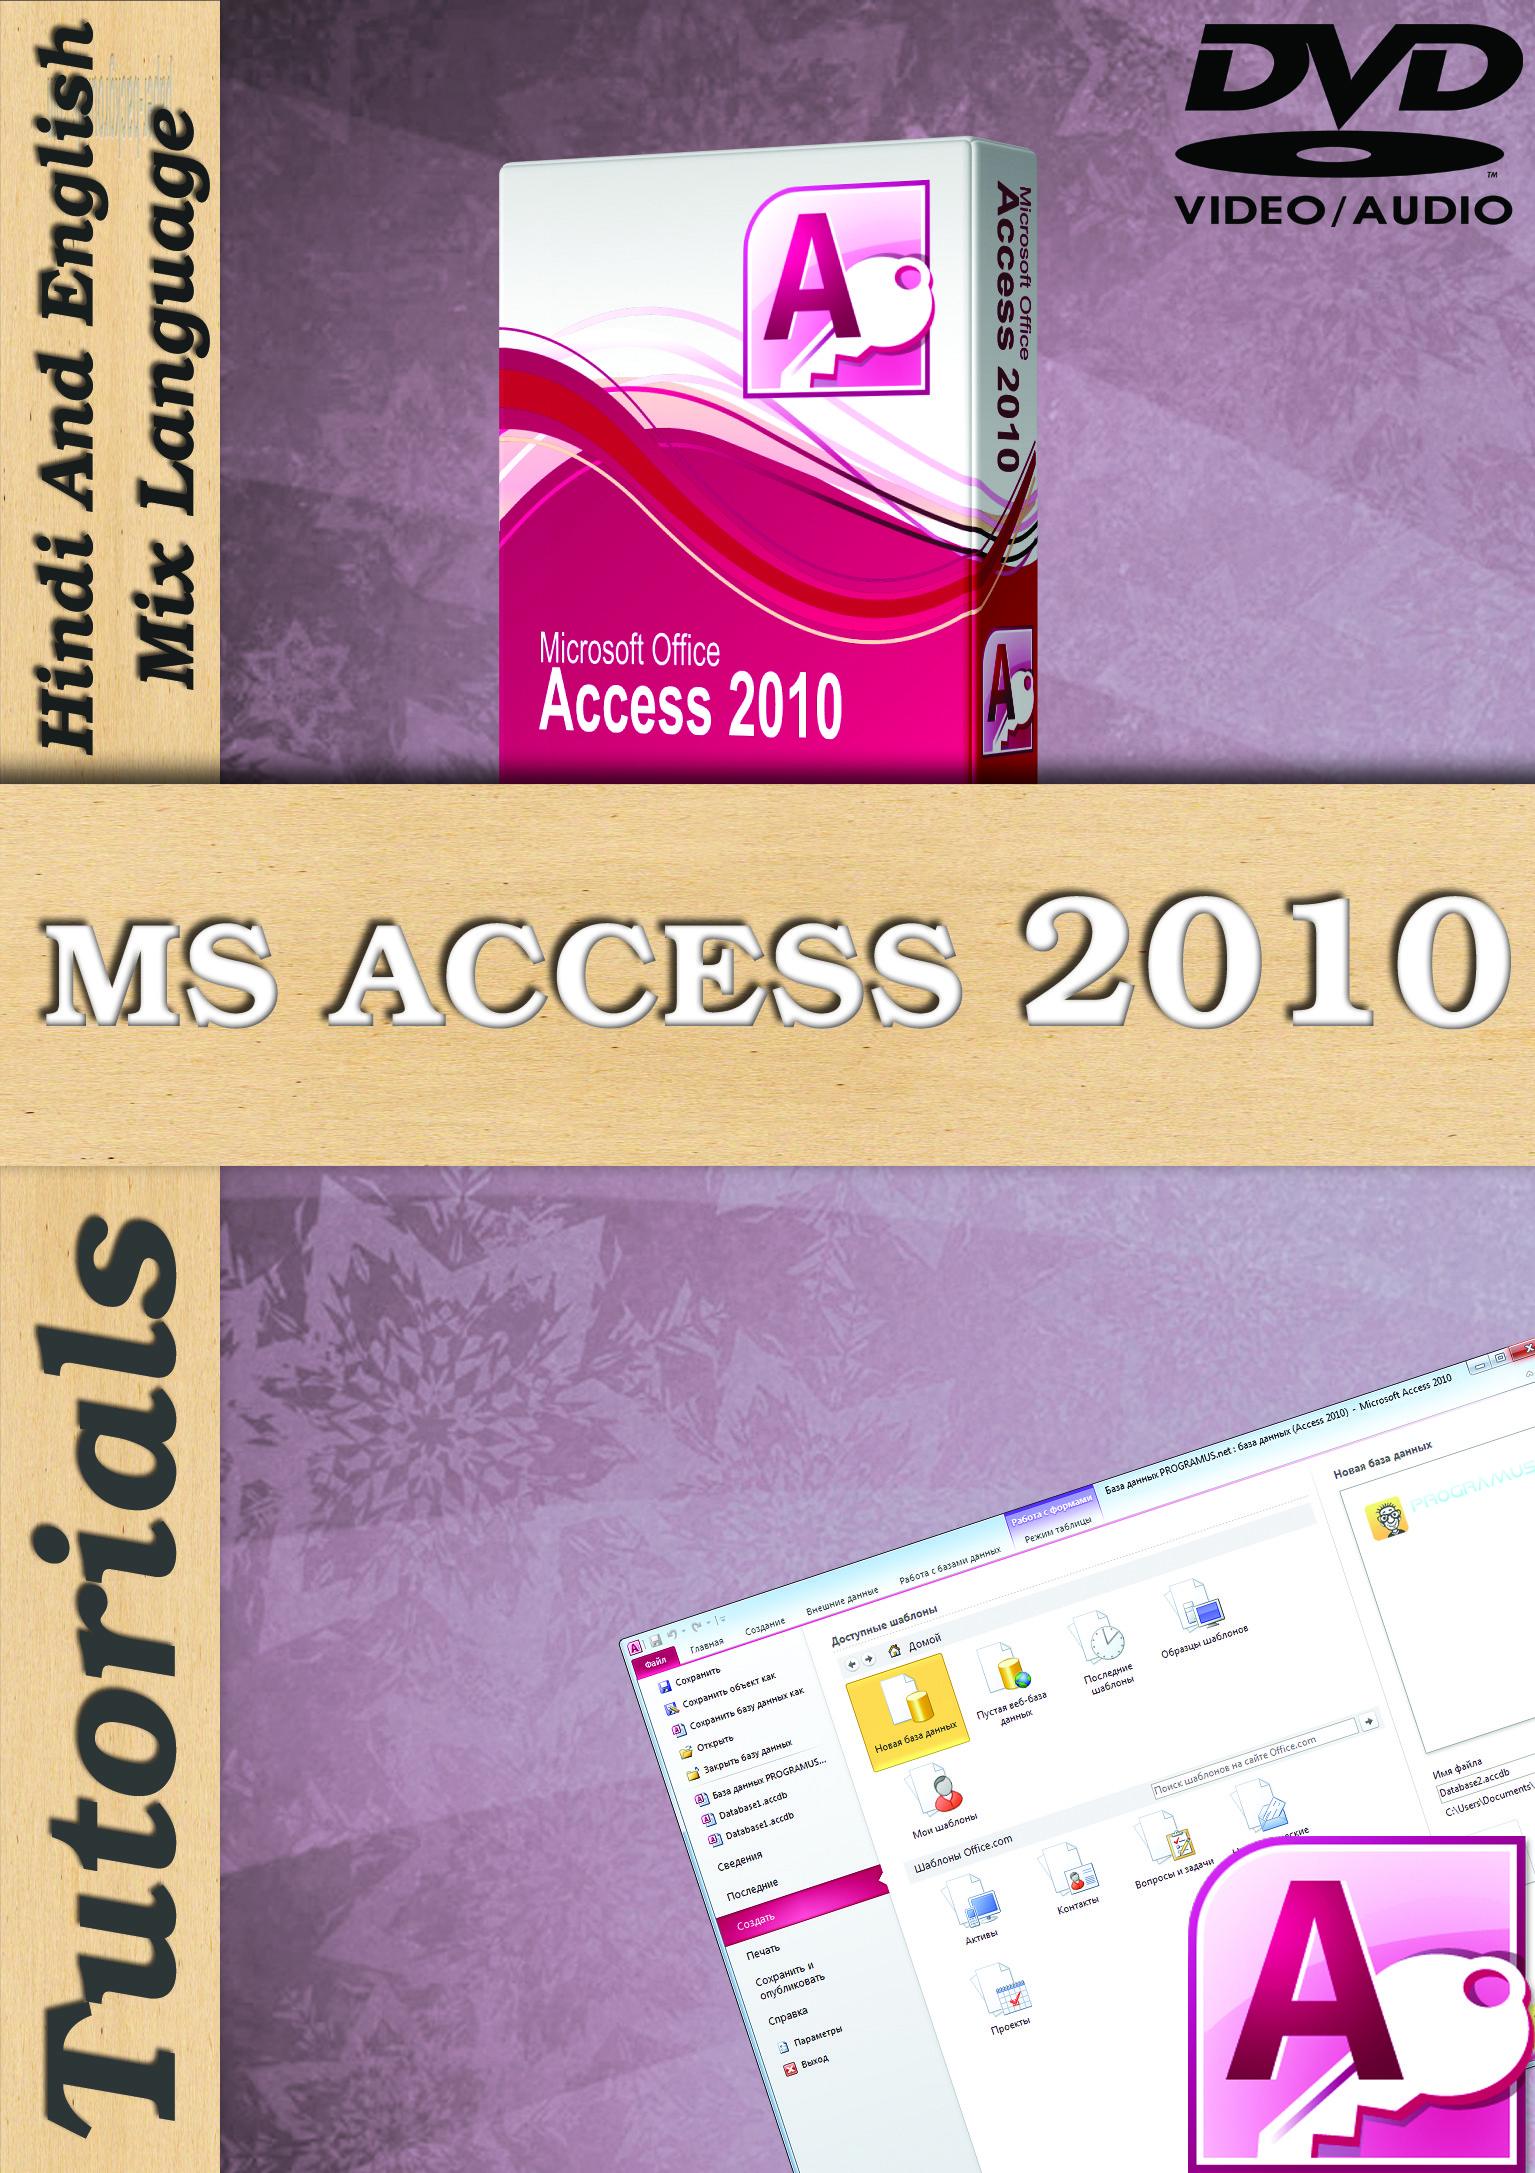 Lsoit Microsoft Access 2010 Tutorials DVD(DVD)